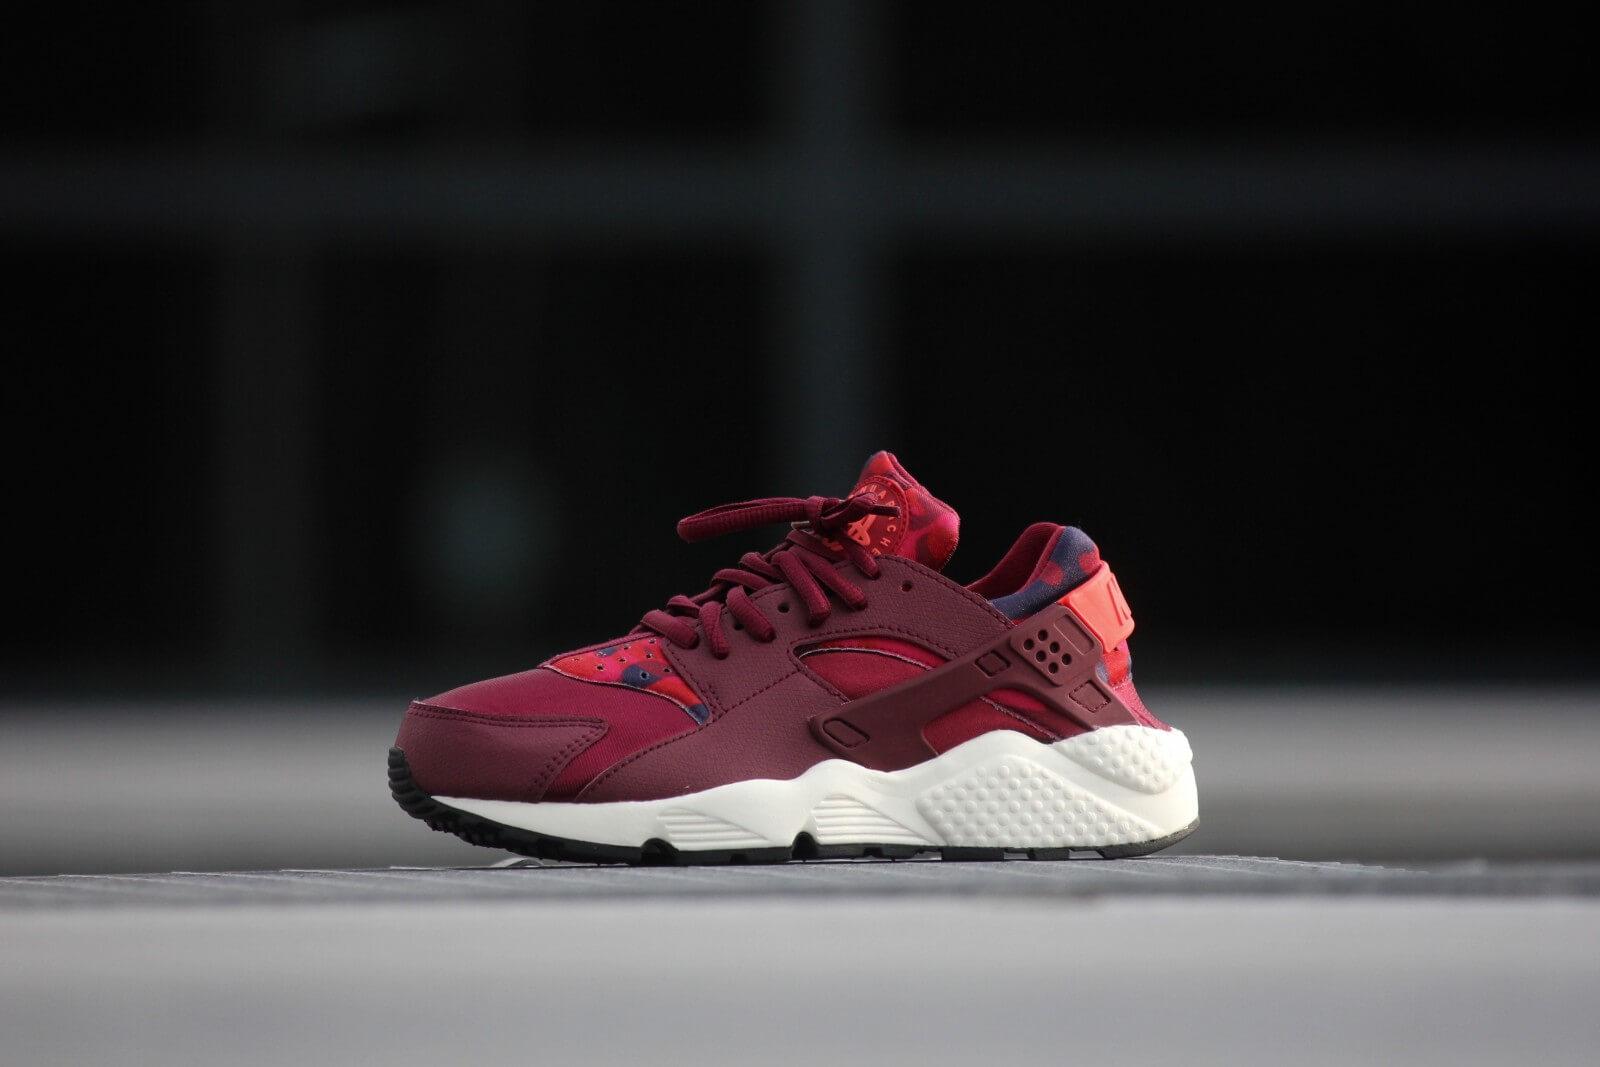 2e6ec85e9d80 Nike Air Huarache Print Deep Garnet Bright Crimson - 725076-602